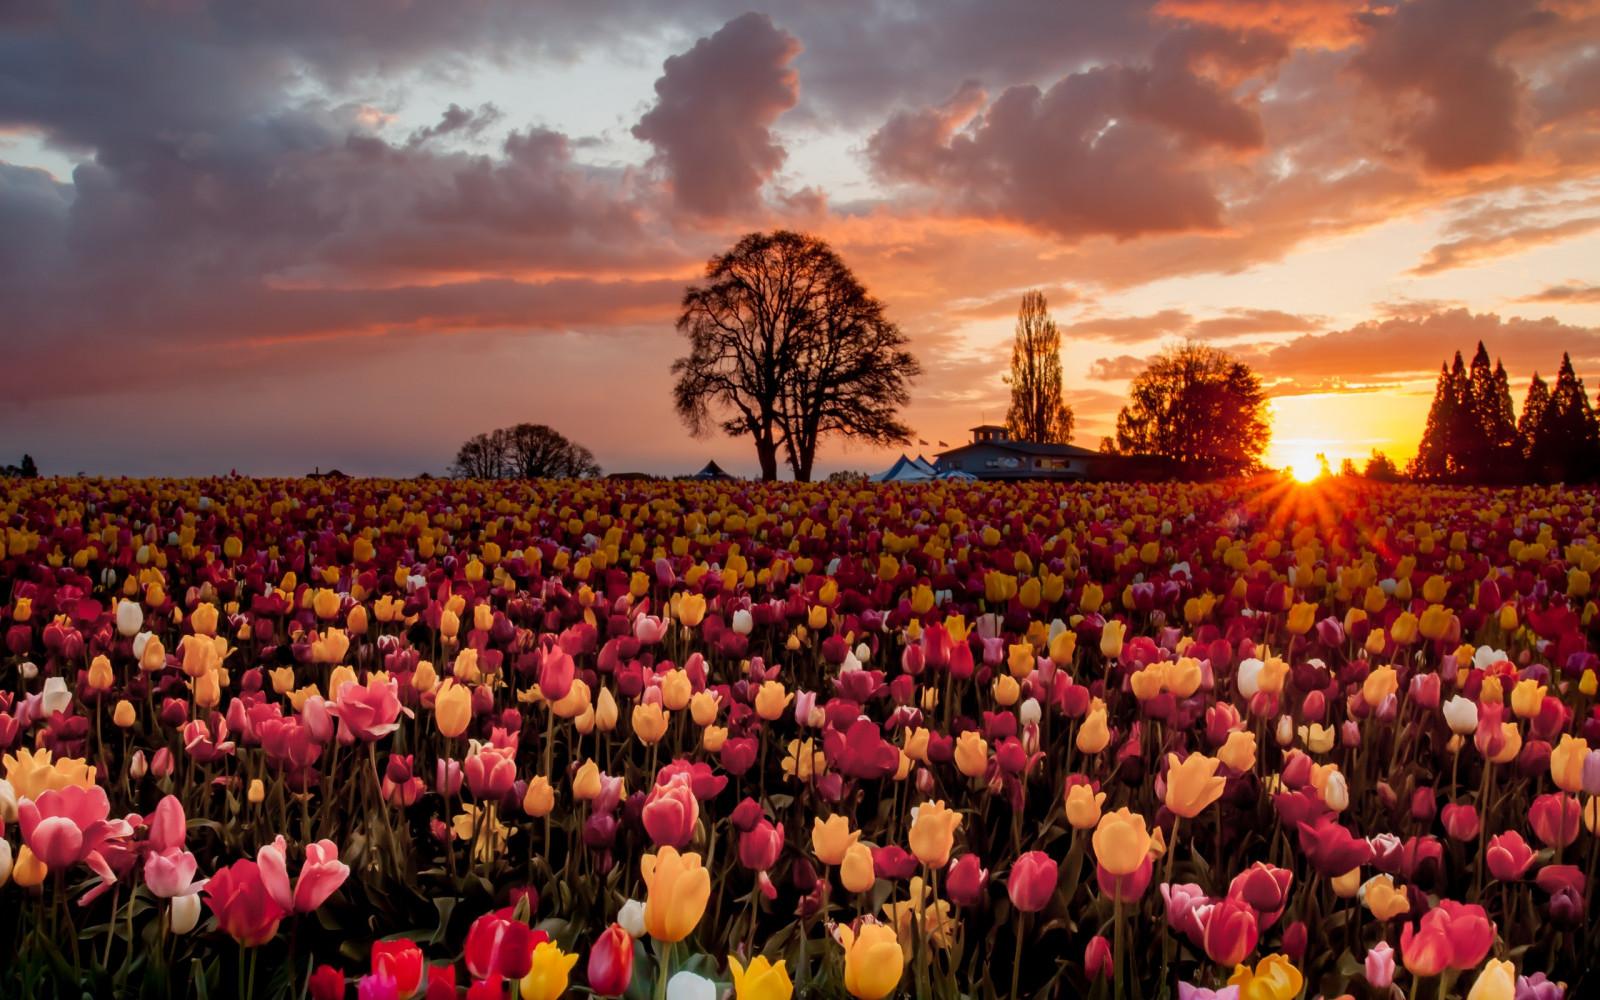 Fond d'écran : paysage, ciel, champ, soir, printemps, fleur, Festival, pétale, Prairie, foule ...